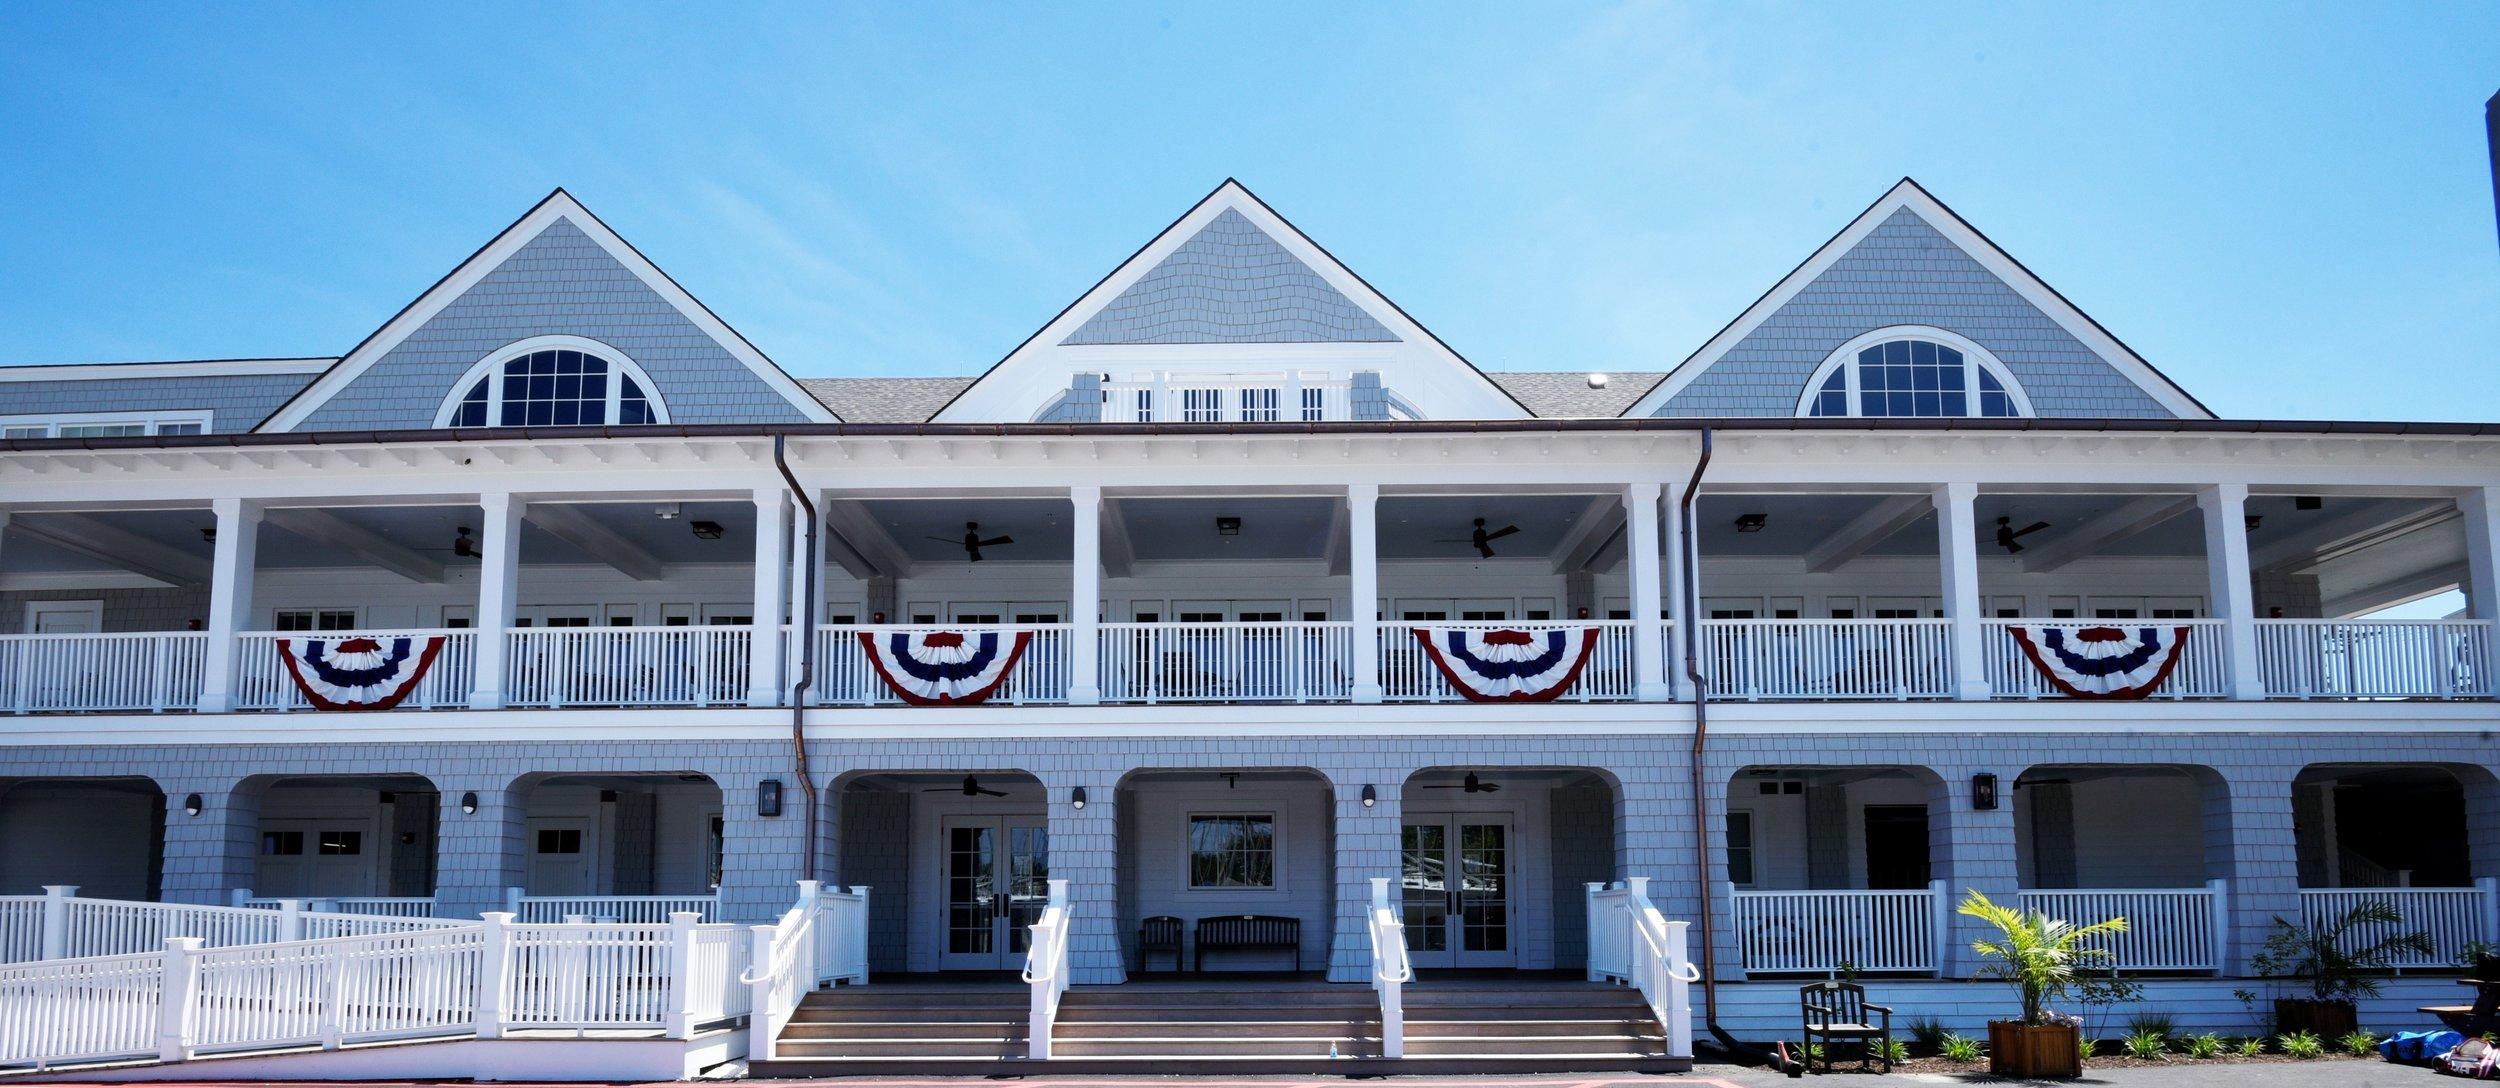 Annapolis Yacht Club July 19 (28).JPG